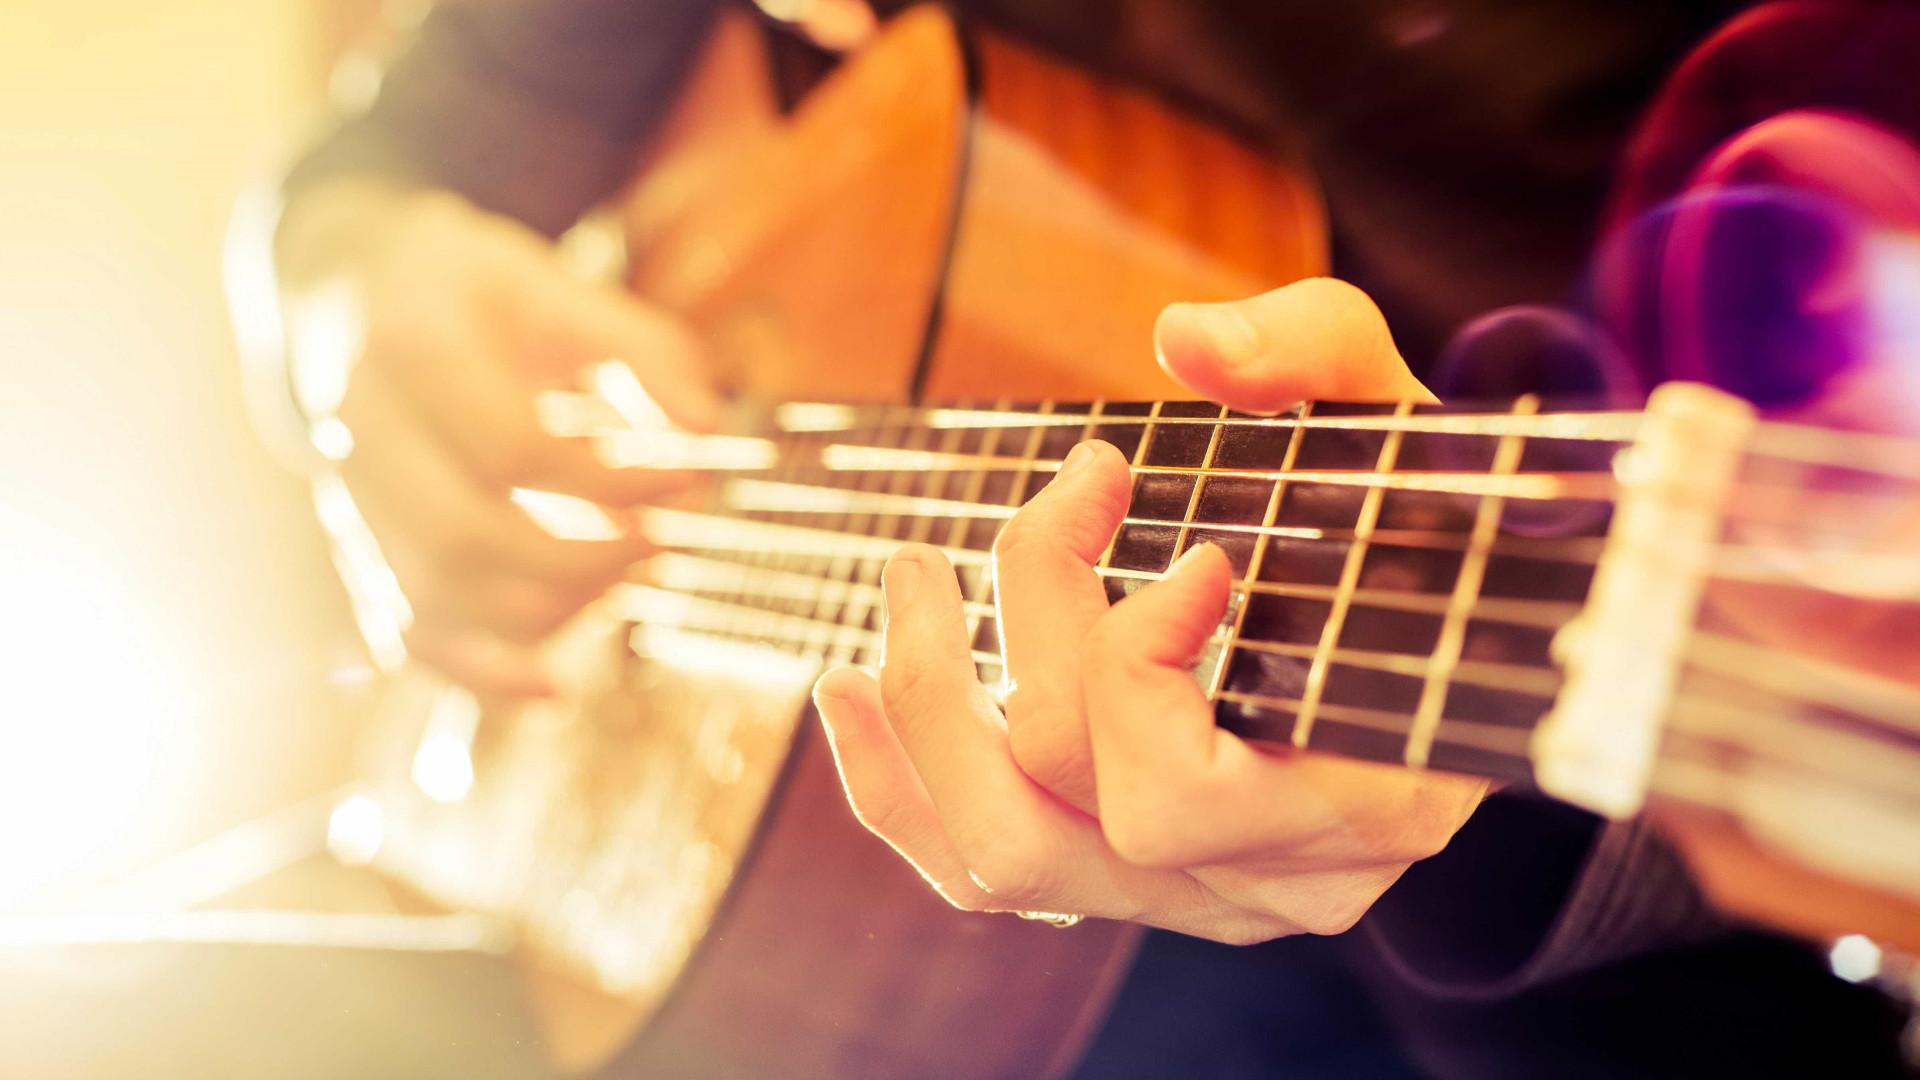 Música de Tom Jobim é celebrada no Trampolim Gerador em conexão lusófona